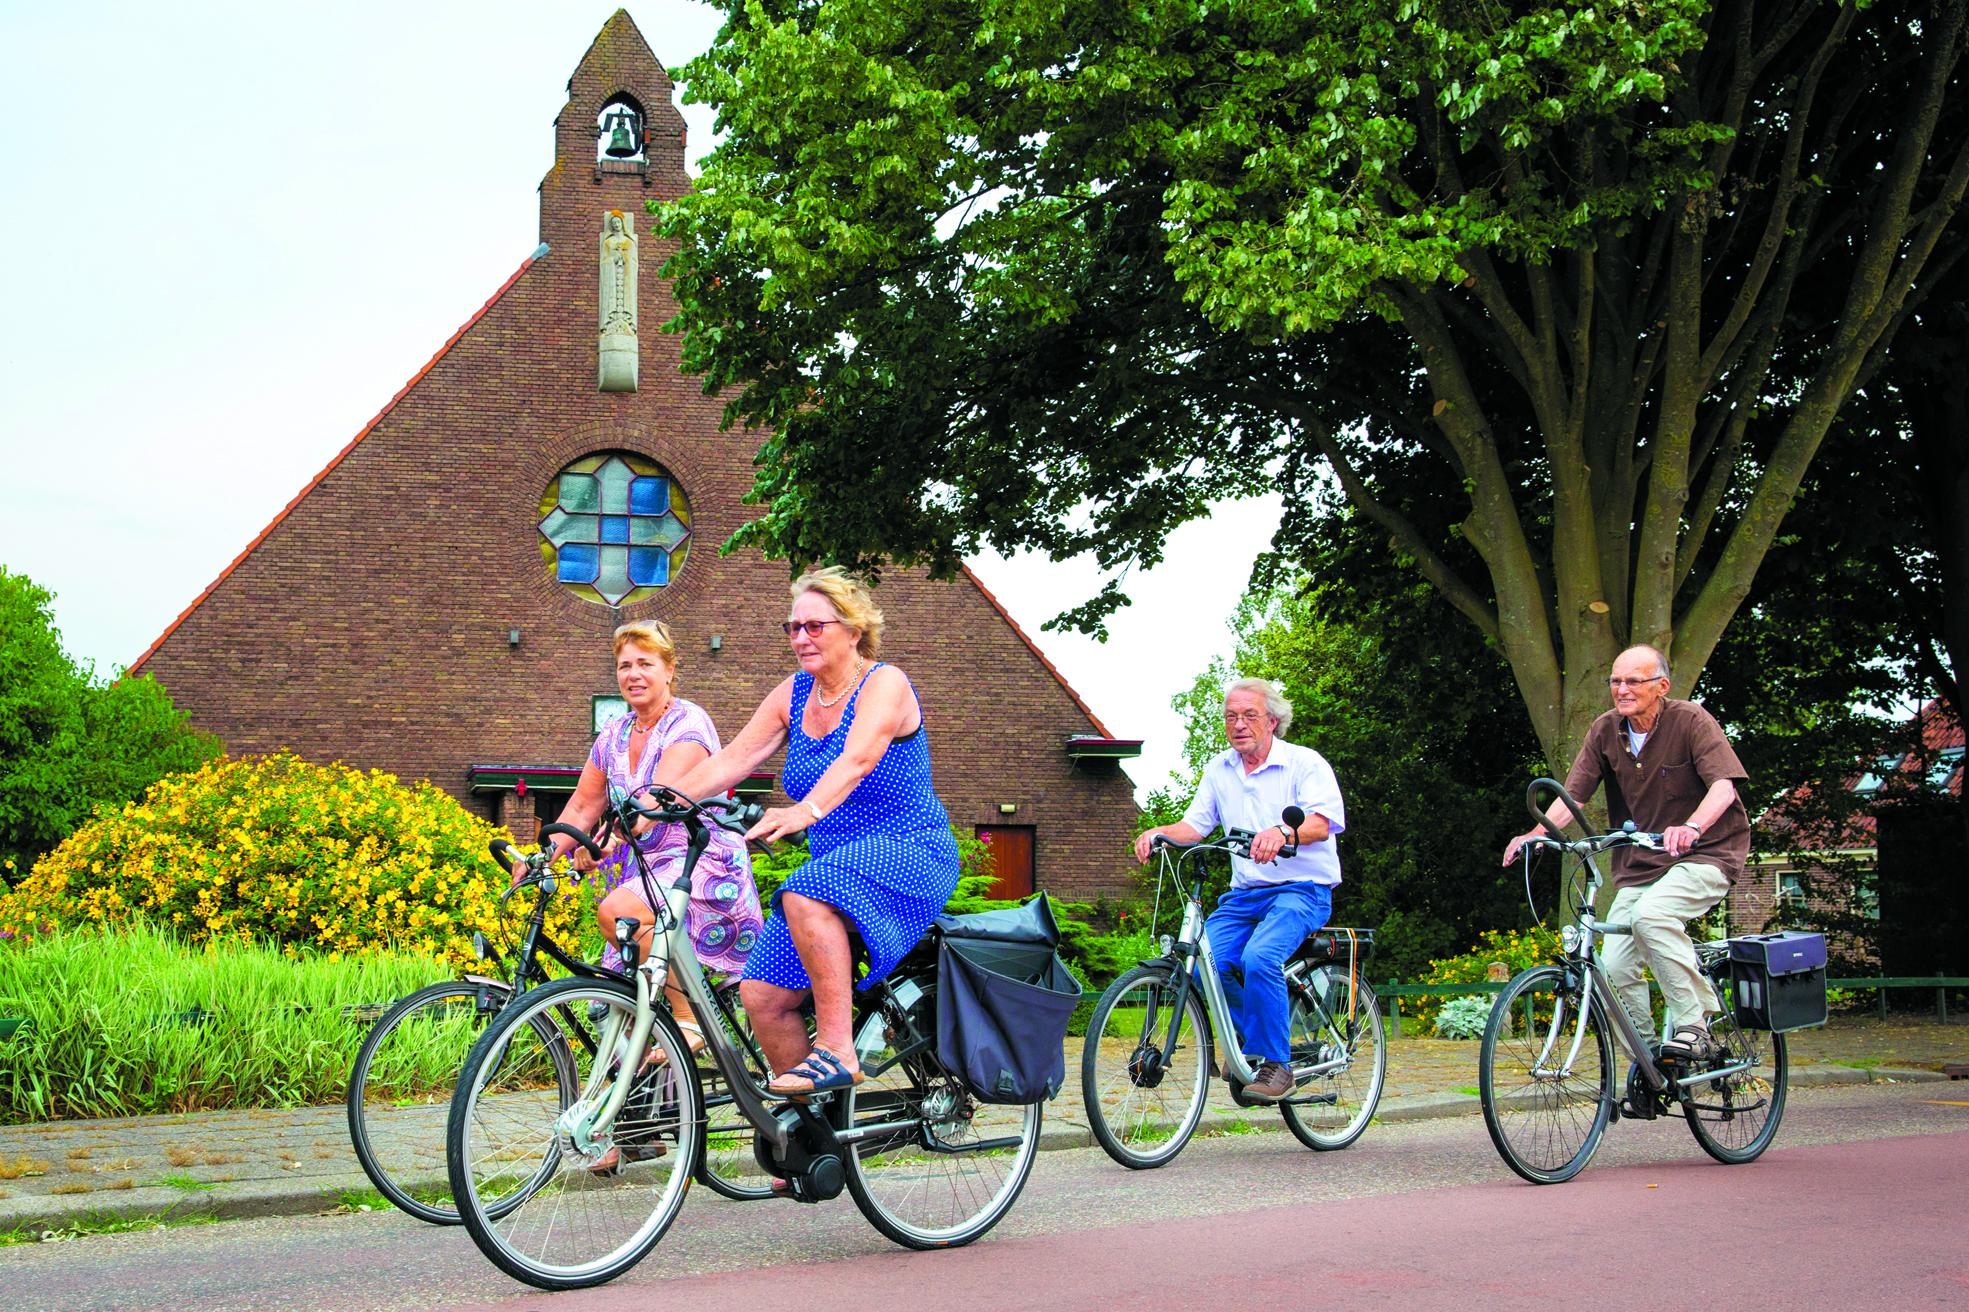 Loes Siedenburg, Lies van der Spek, Gerard van der Vliet en Jaap Visser (v.l.n.r.) van Drechterland Mondiaal fietsen langs de Theresiakapel in Hem, een van de deelnemende kerkjes. (archieffoto Vincent de Vries/RM)